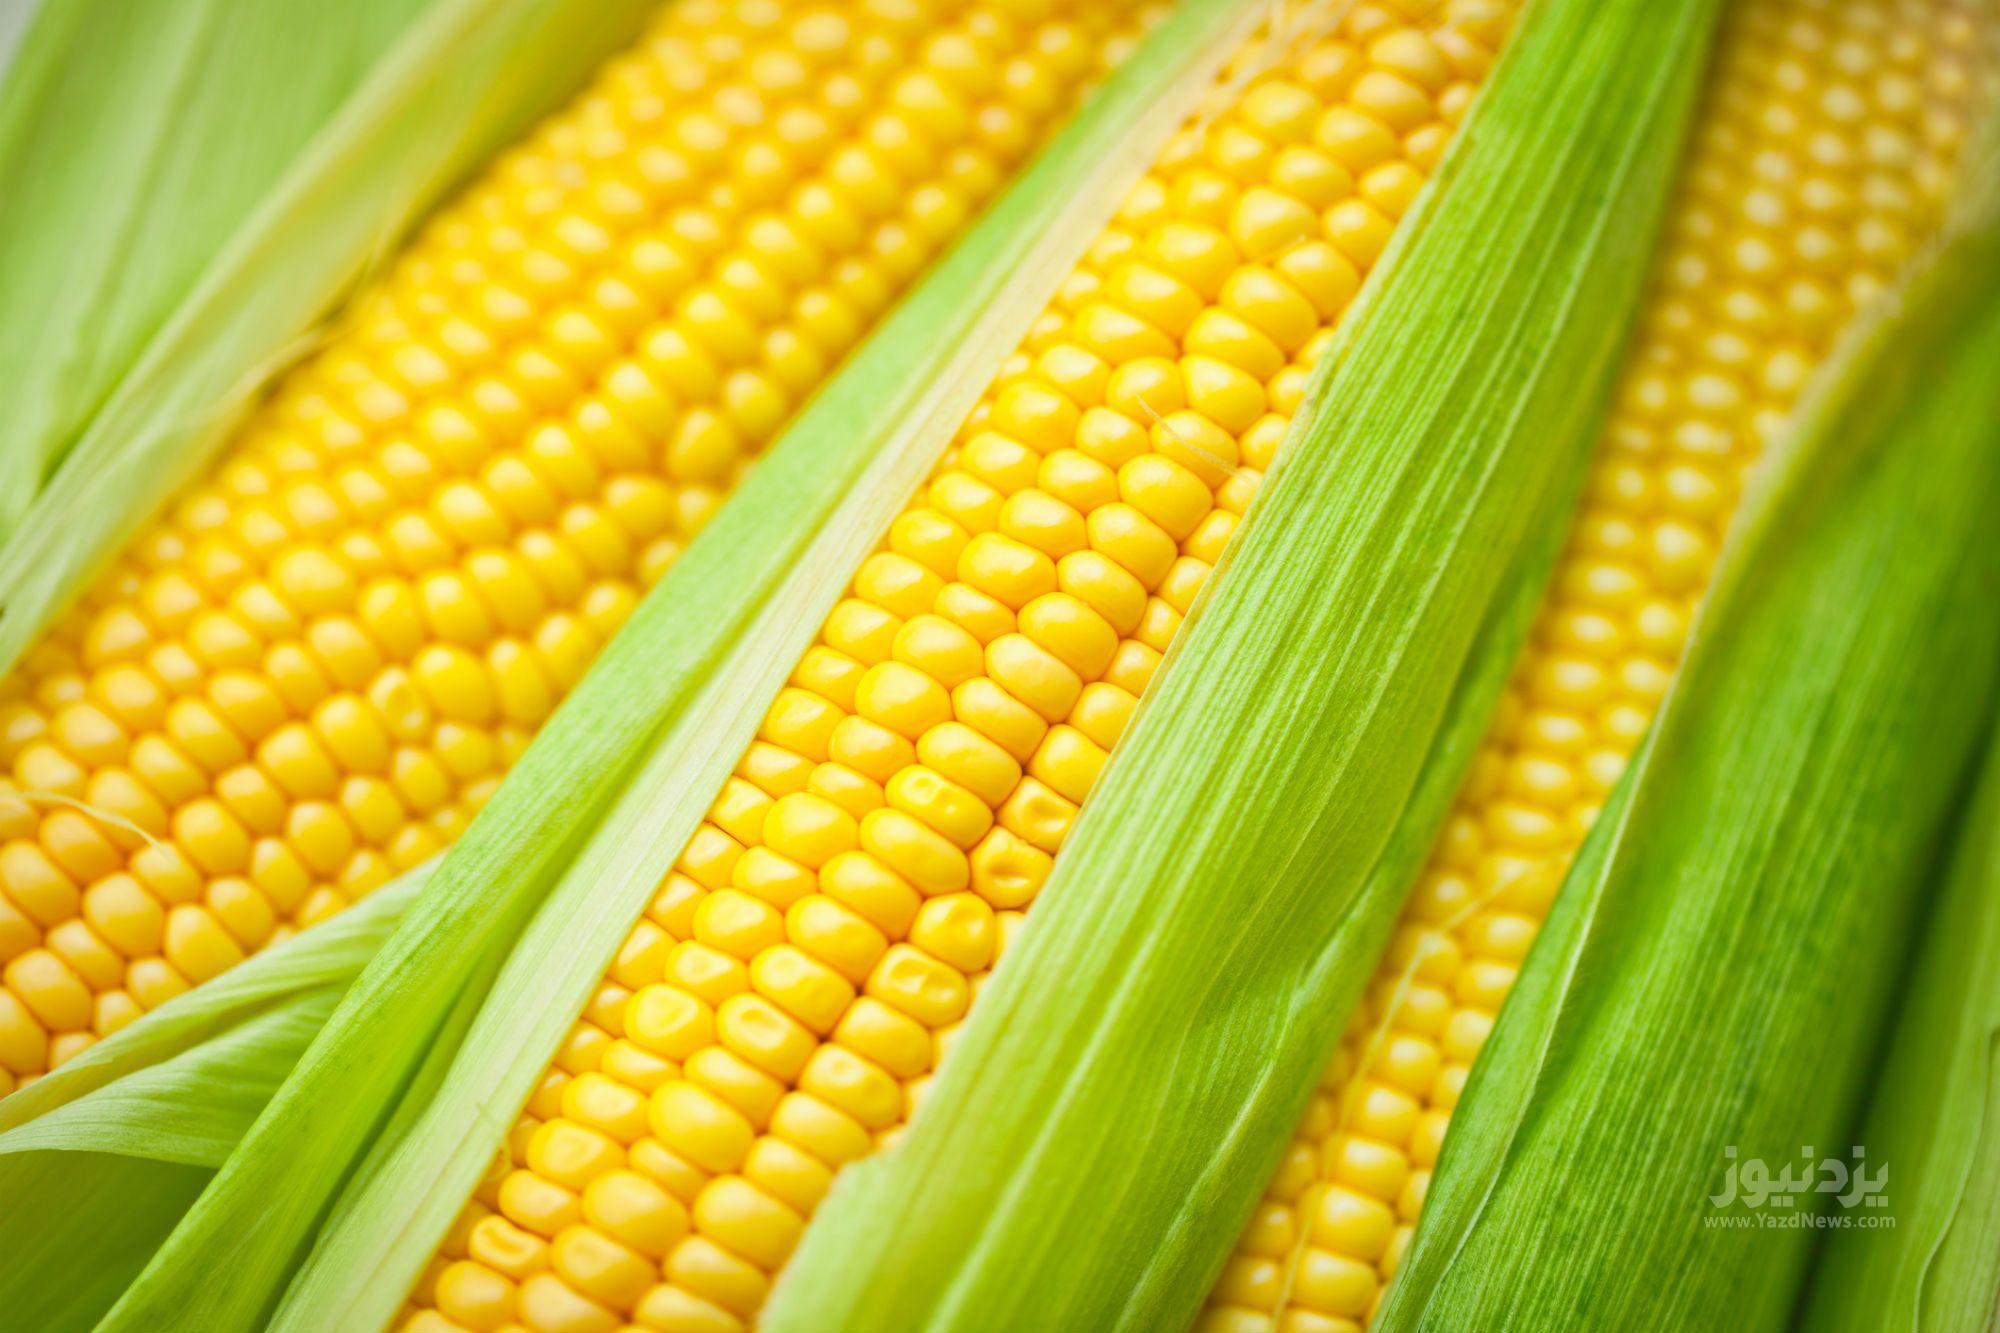 fresh_corn-583dfbd65f9b58d5b170c933